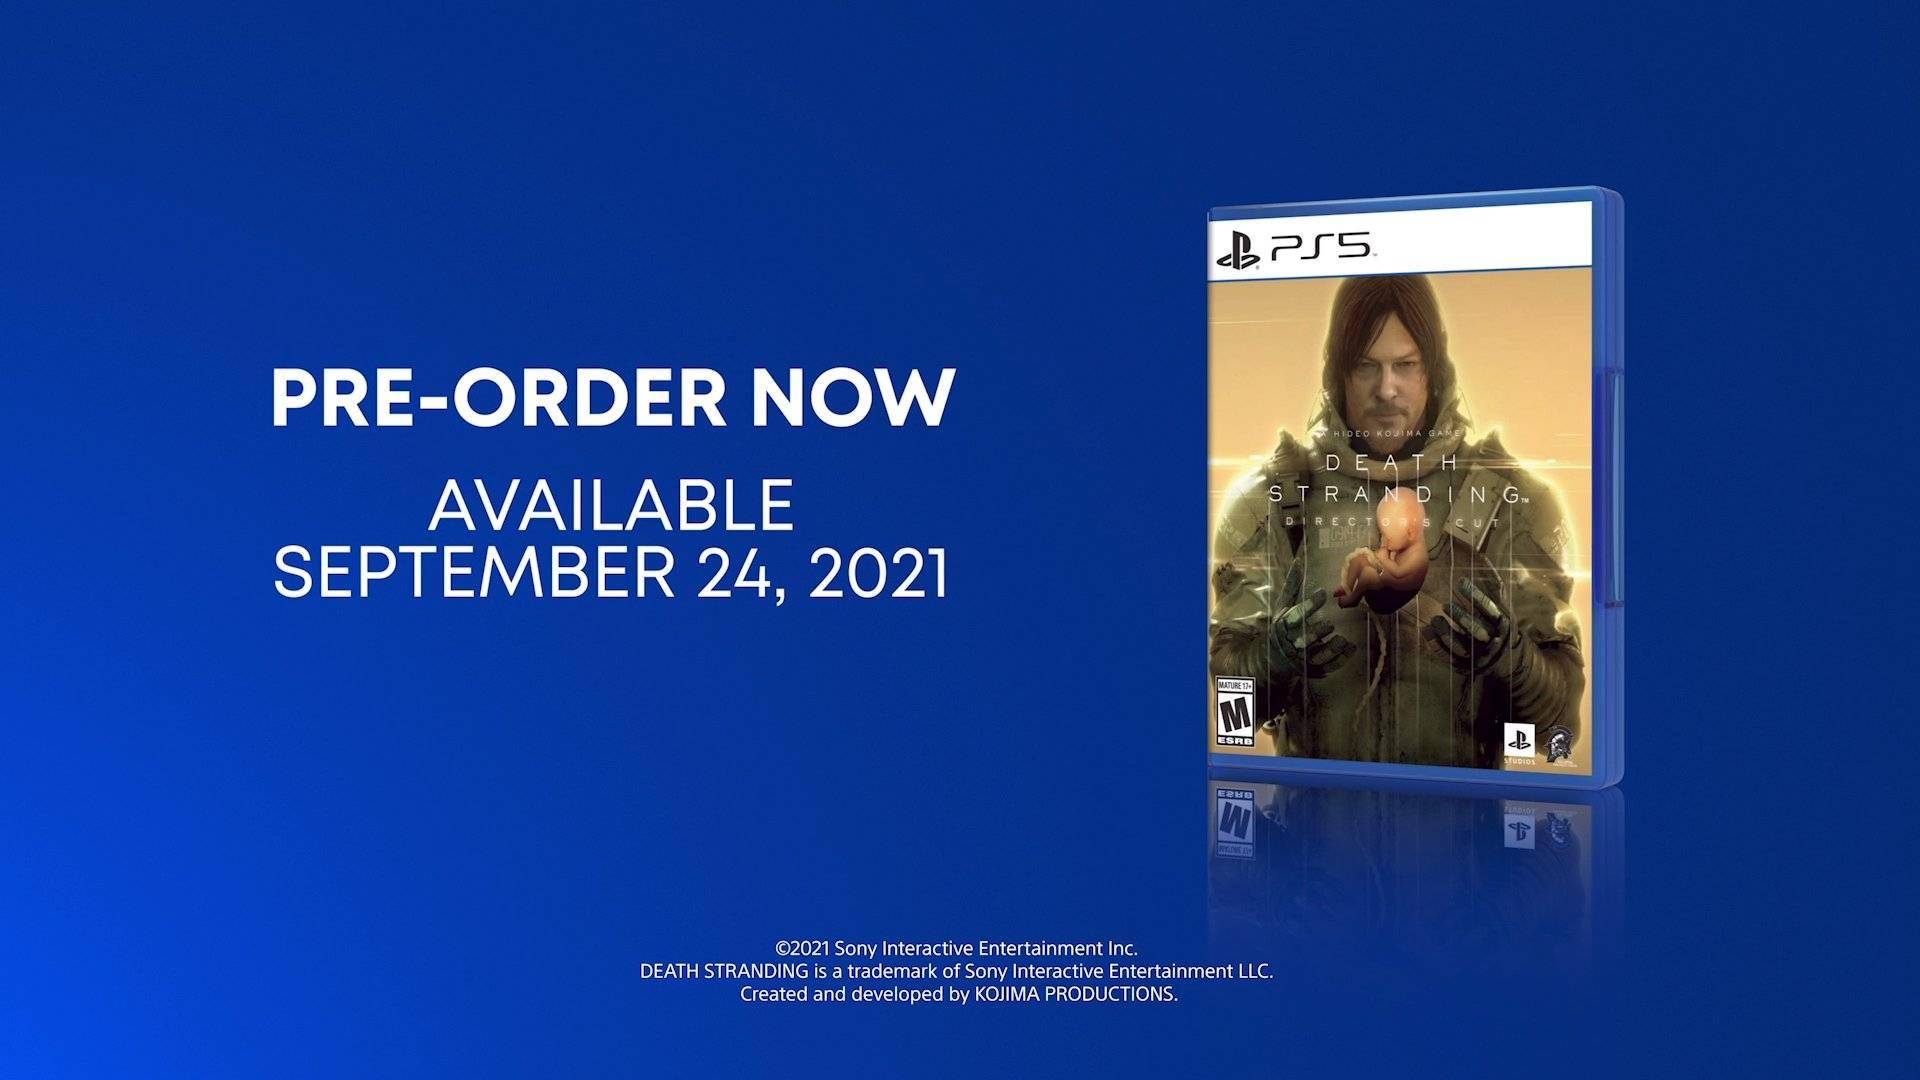 Death Stranding Director´s Cut llega el 24 de Septiembre con nuevas misiones y mas contenido a PlayStation 5.